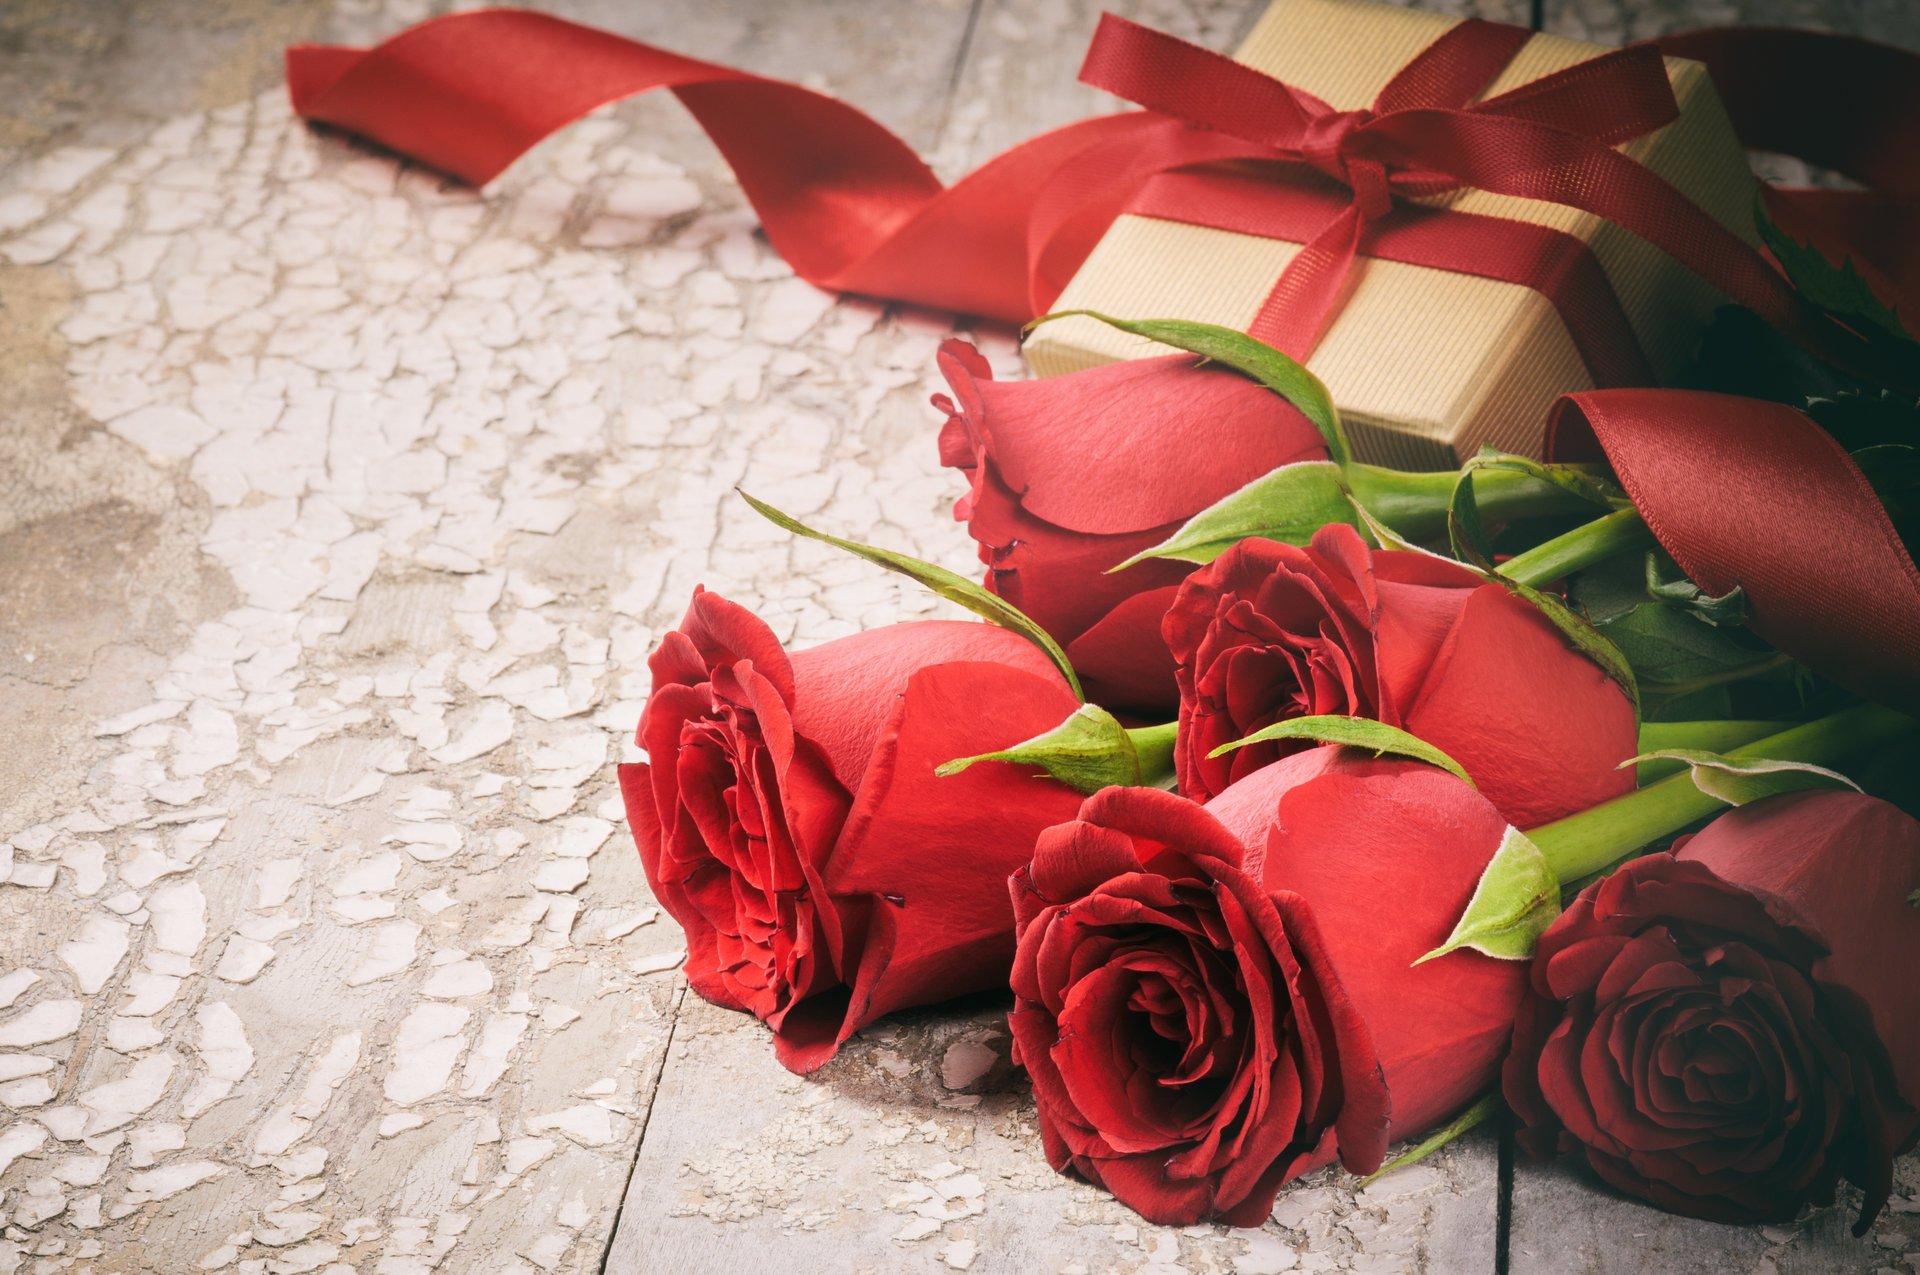 С юбилеем картинка с розами